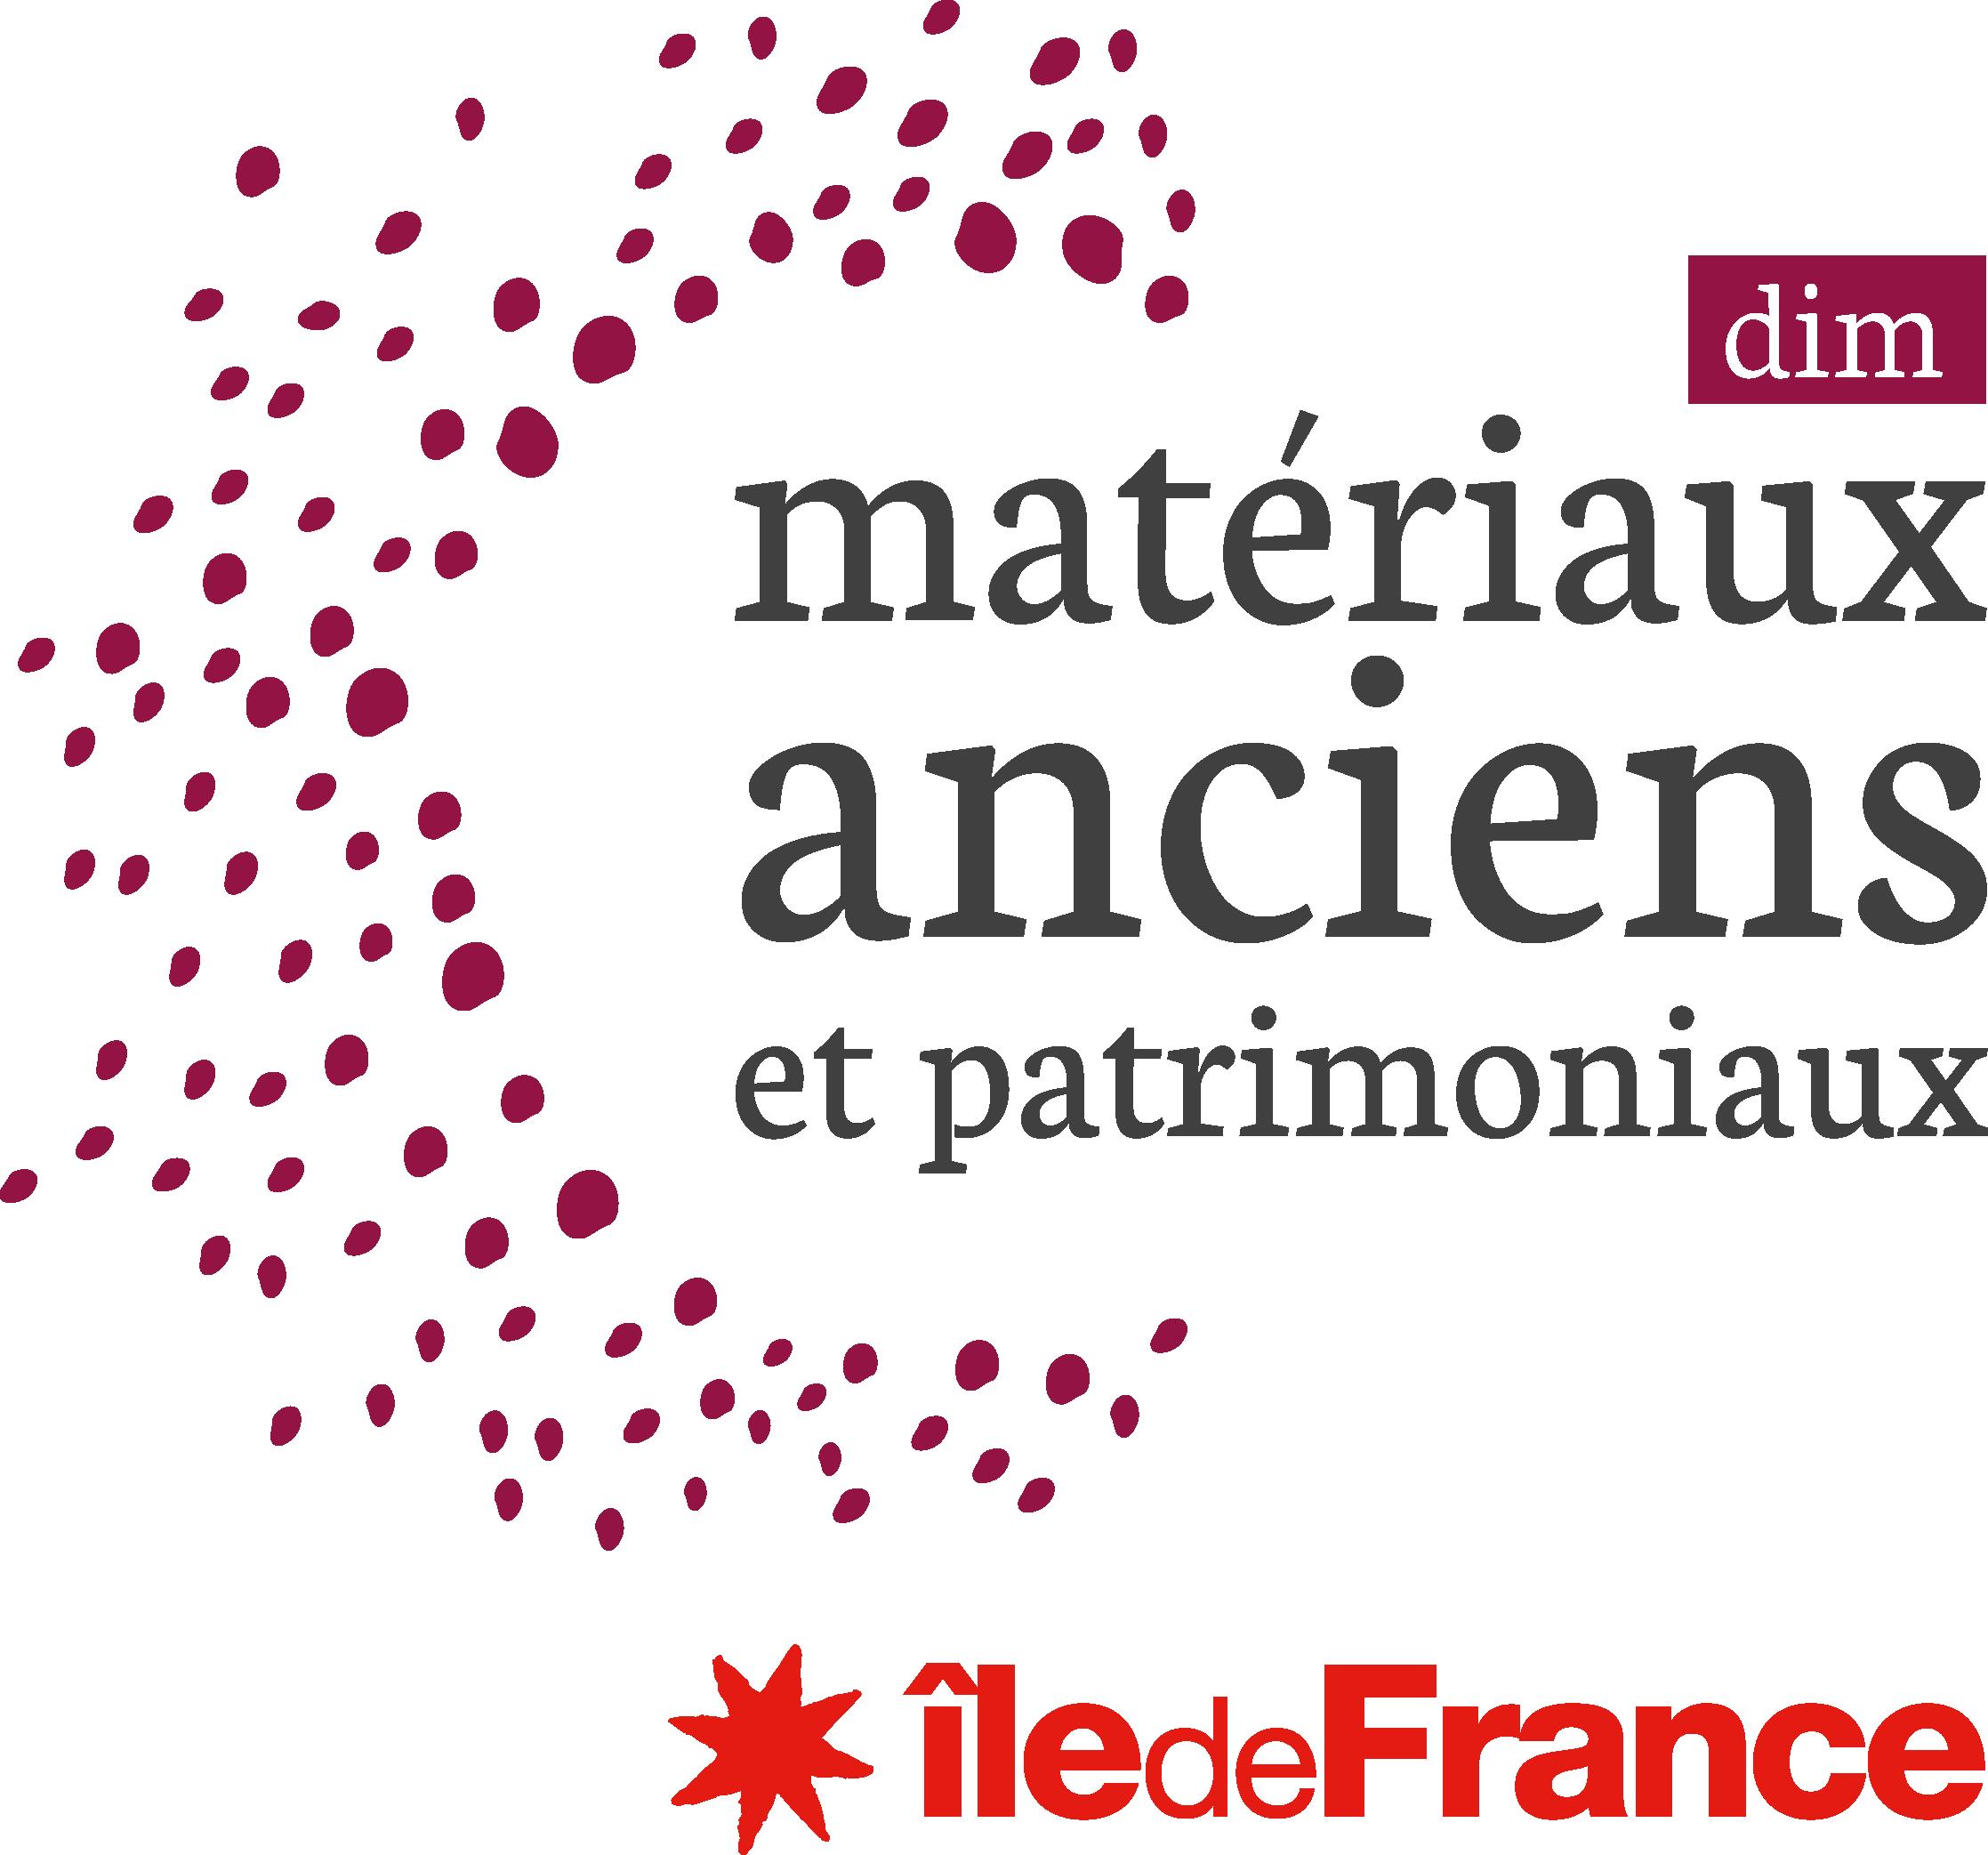 logo_DIM_okILEdeFrance.png